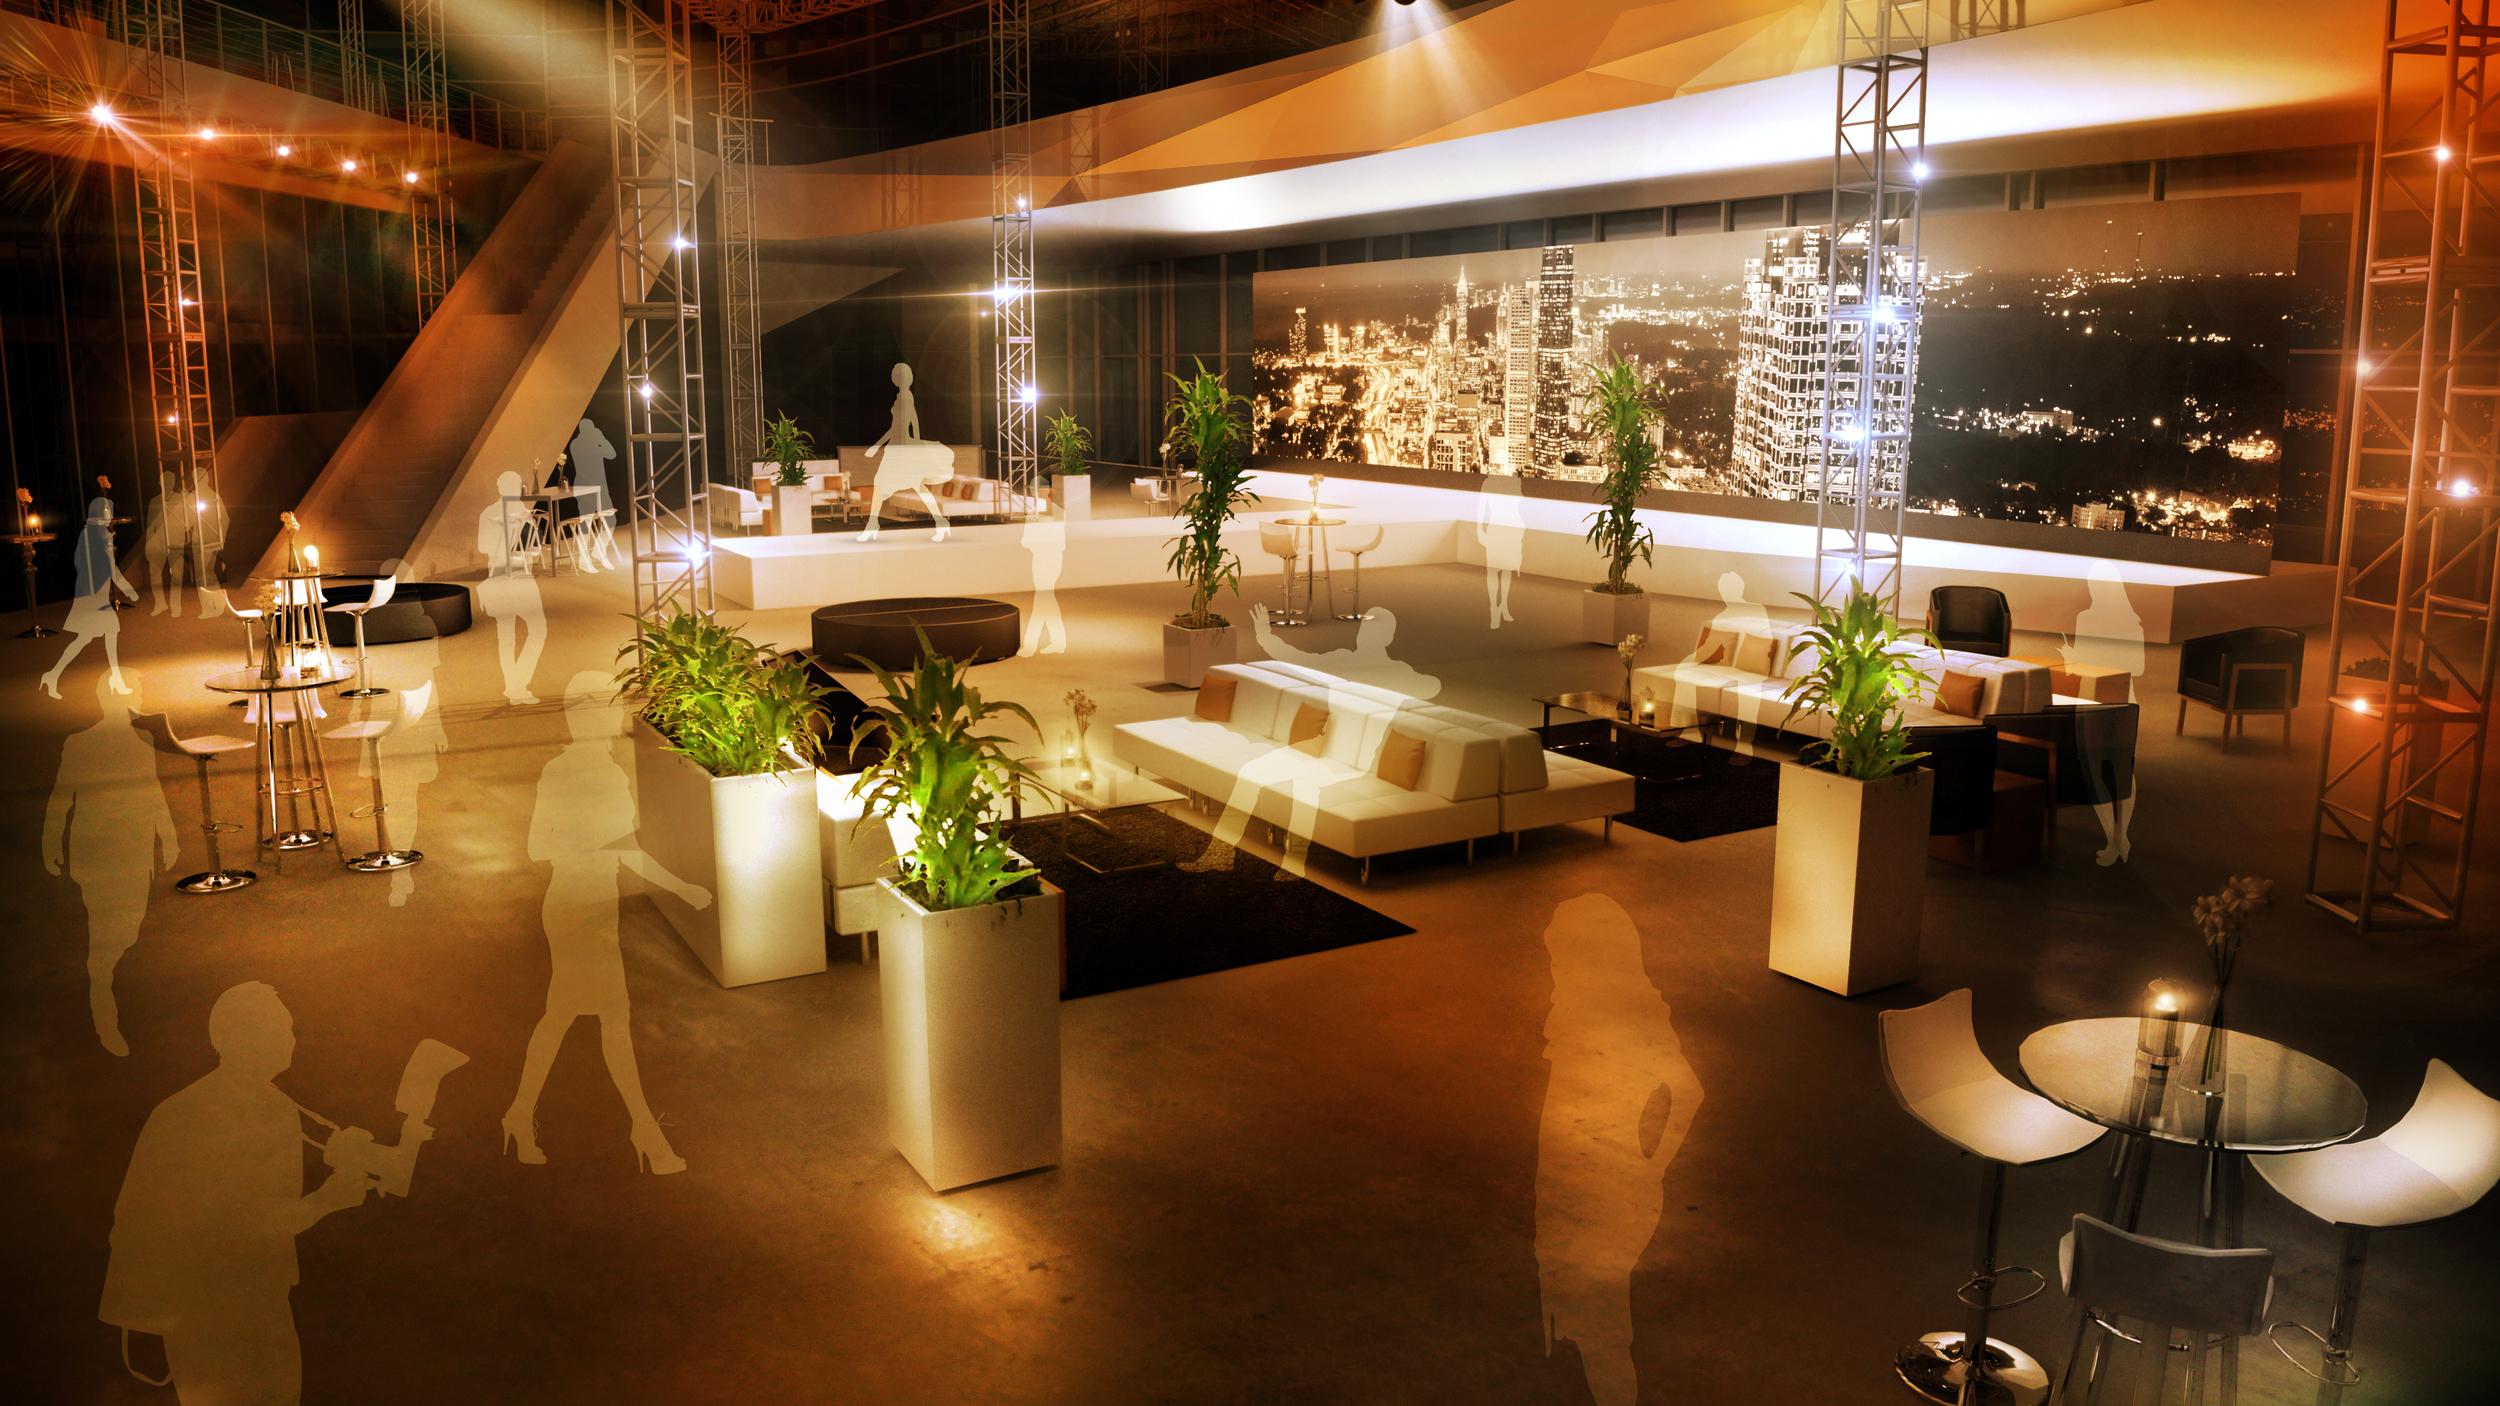 AD_Renderings_Courtyard1.jpg